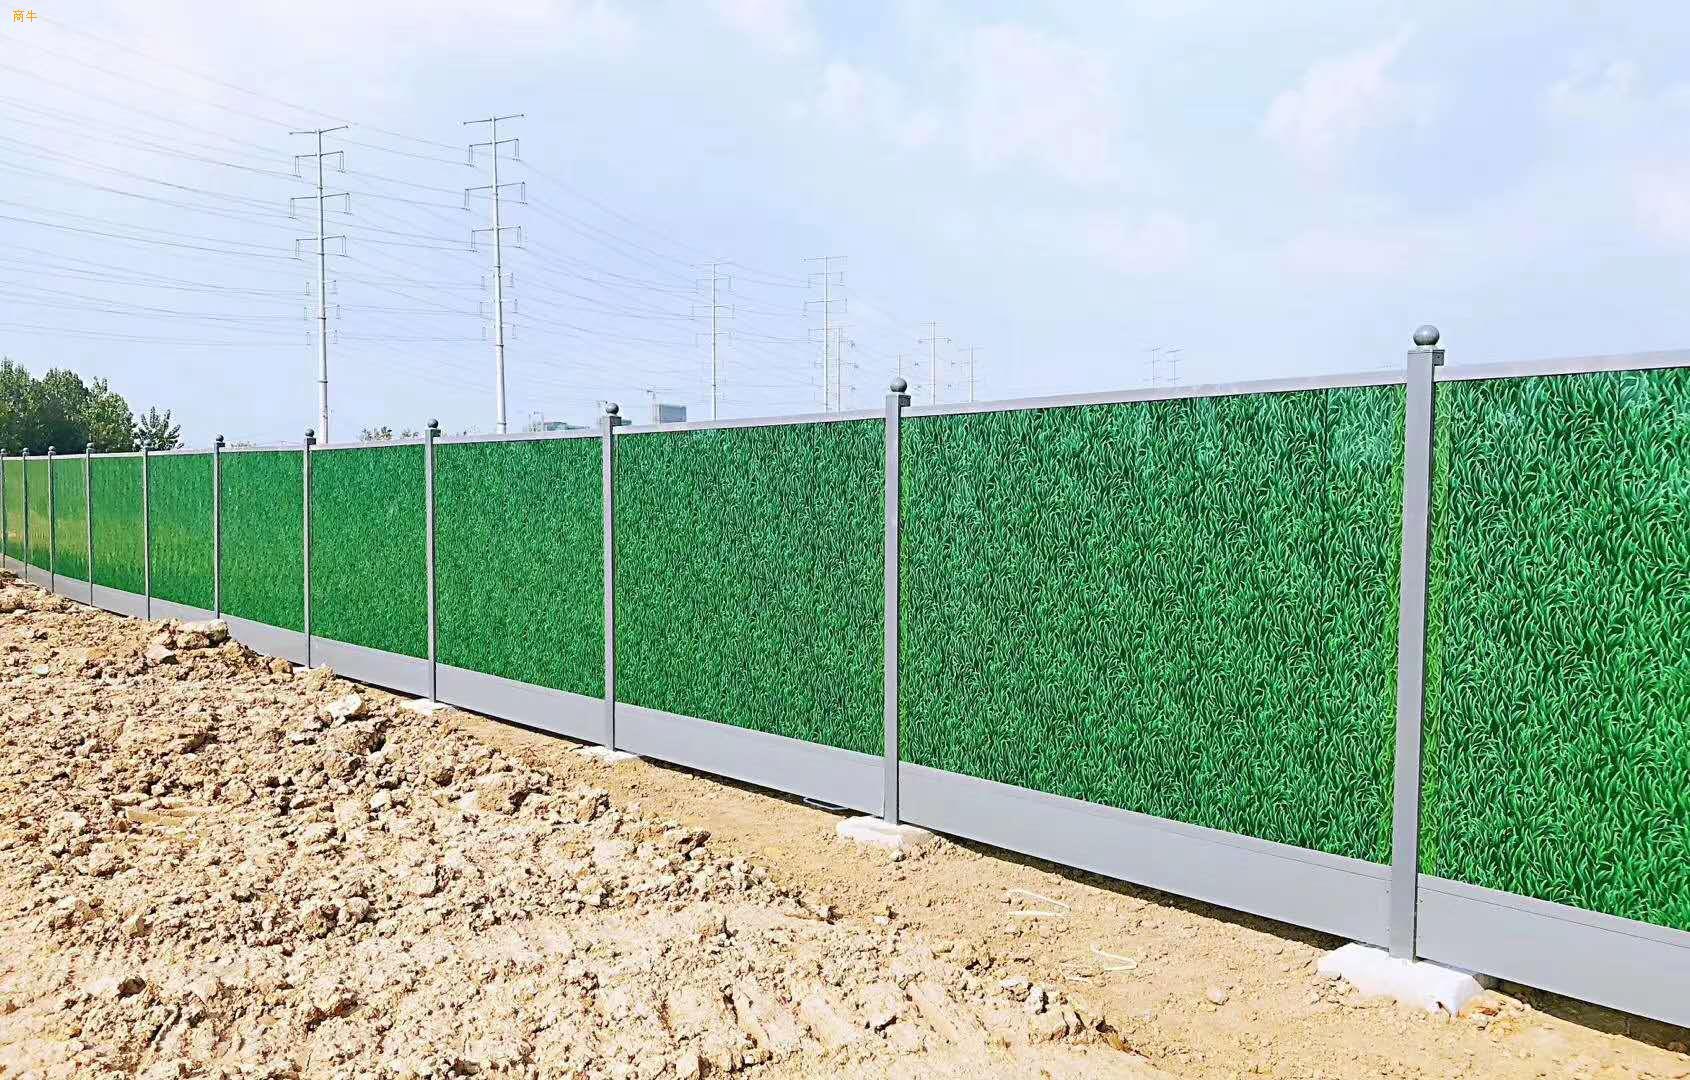 供应北京彩钢板龙骨扣围挡工程围围挡